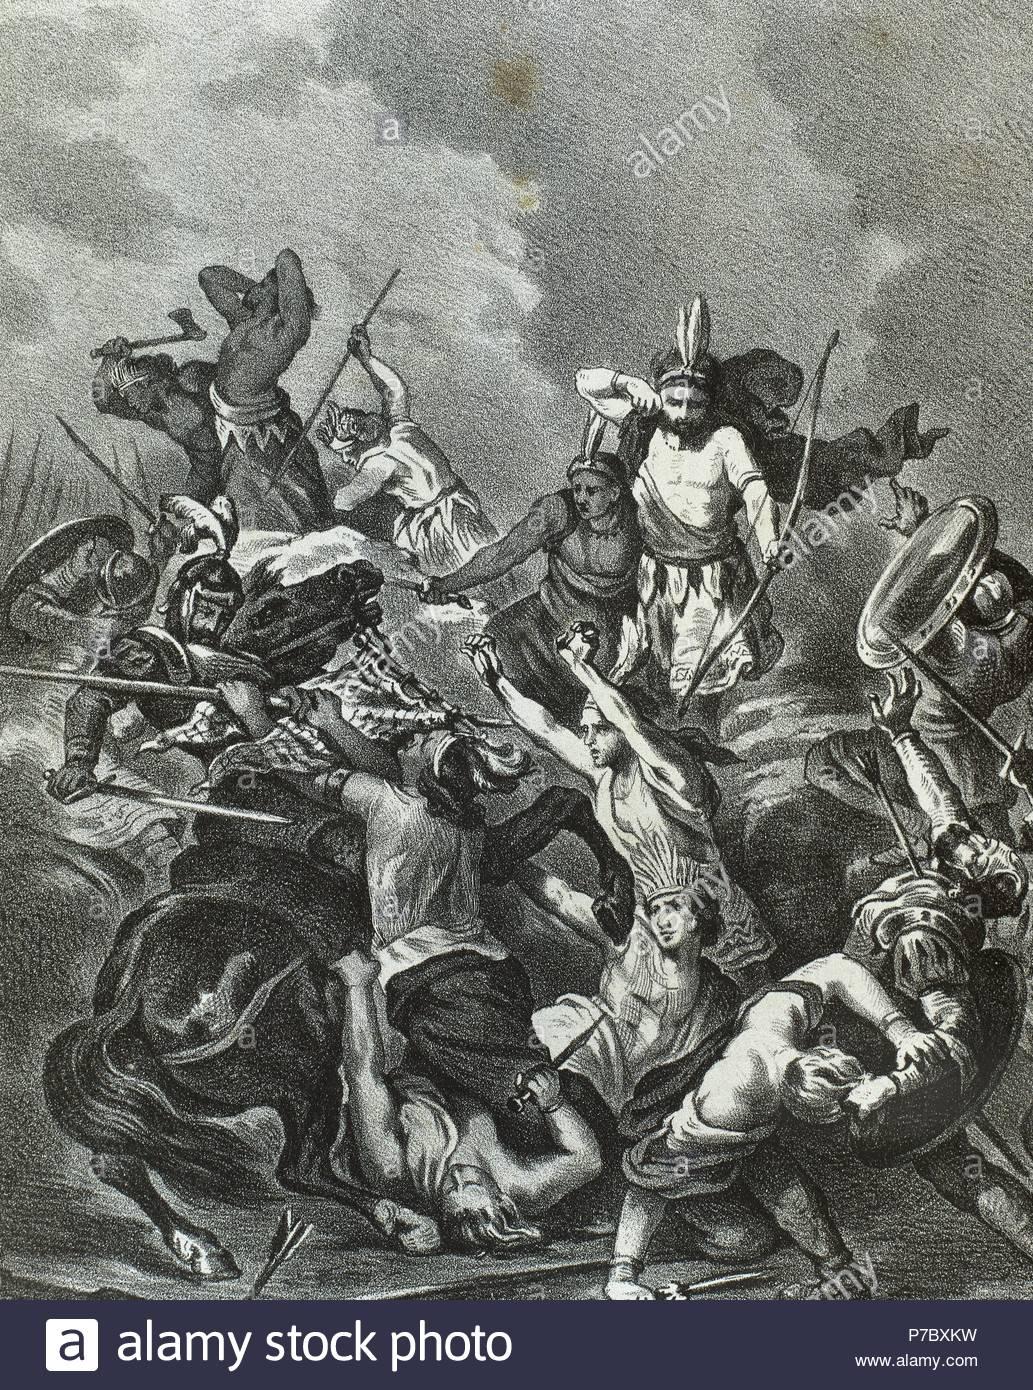 to conquer the aztec empire hernan cortes